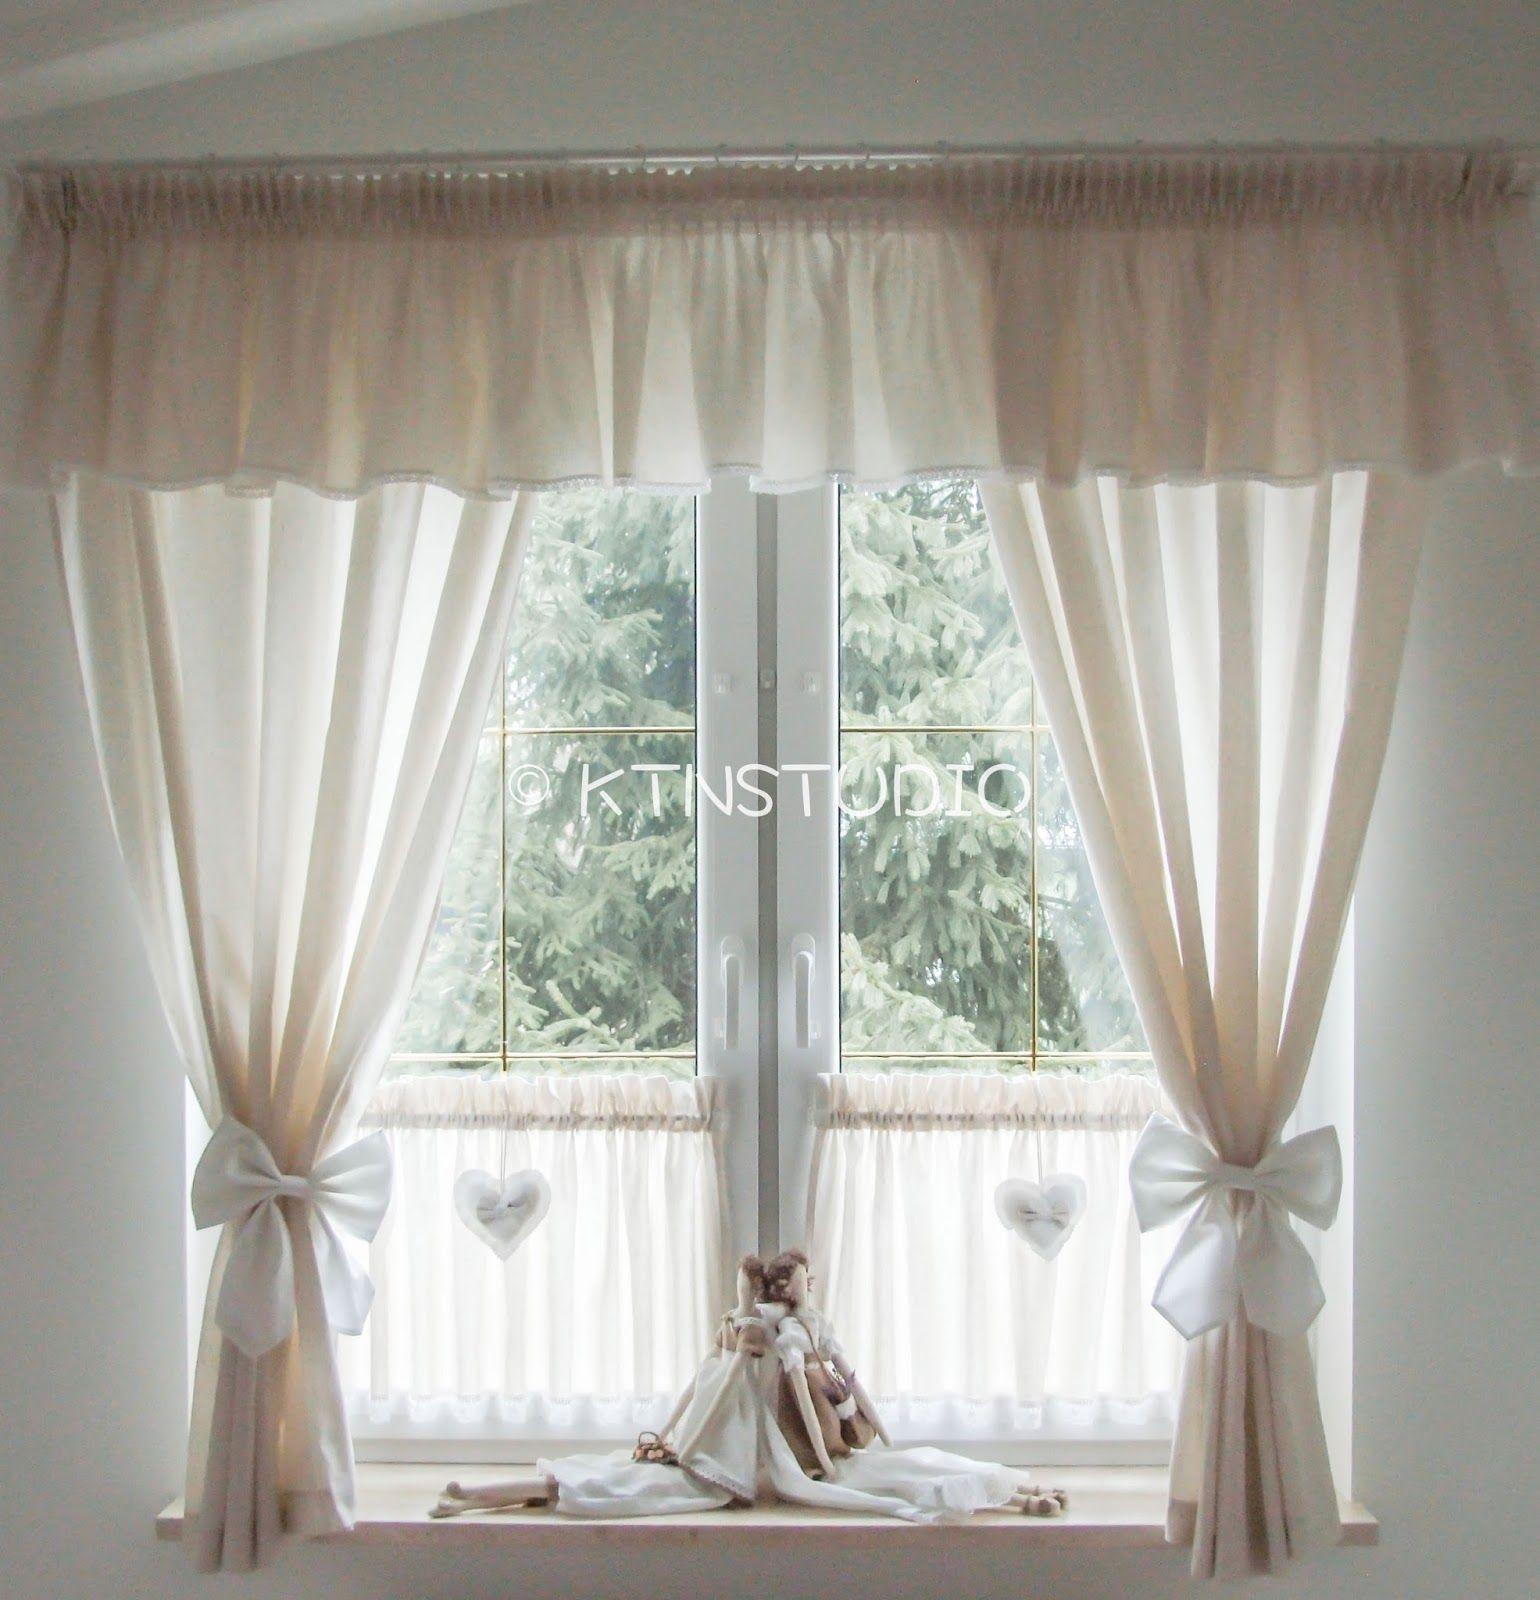 Komplet zas onek do kuchni sweet kitchen curtains gardinen gardinen k che gardinen und - Gardinen babyzimmer ...